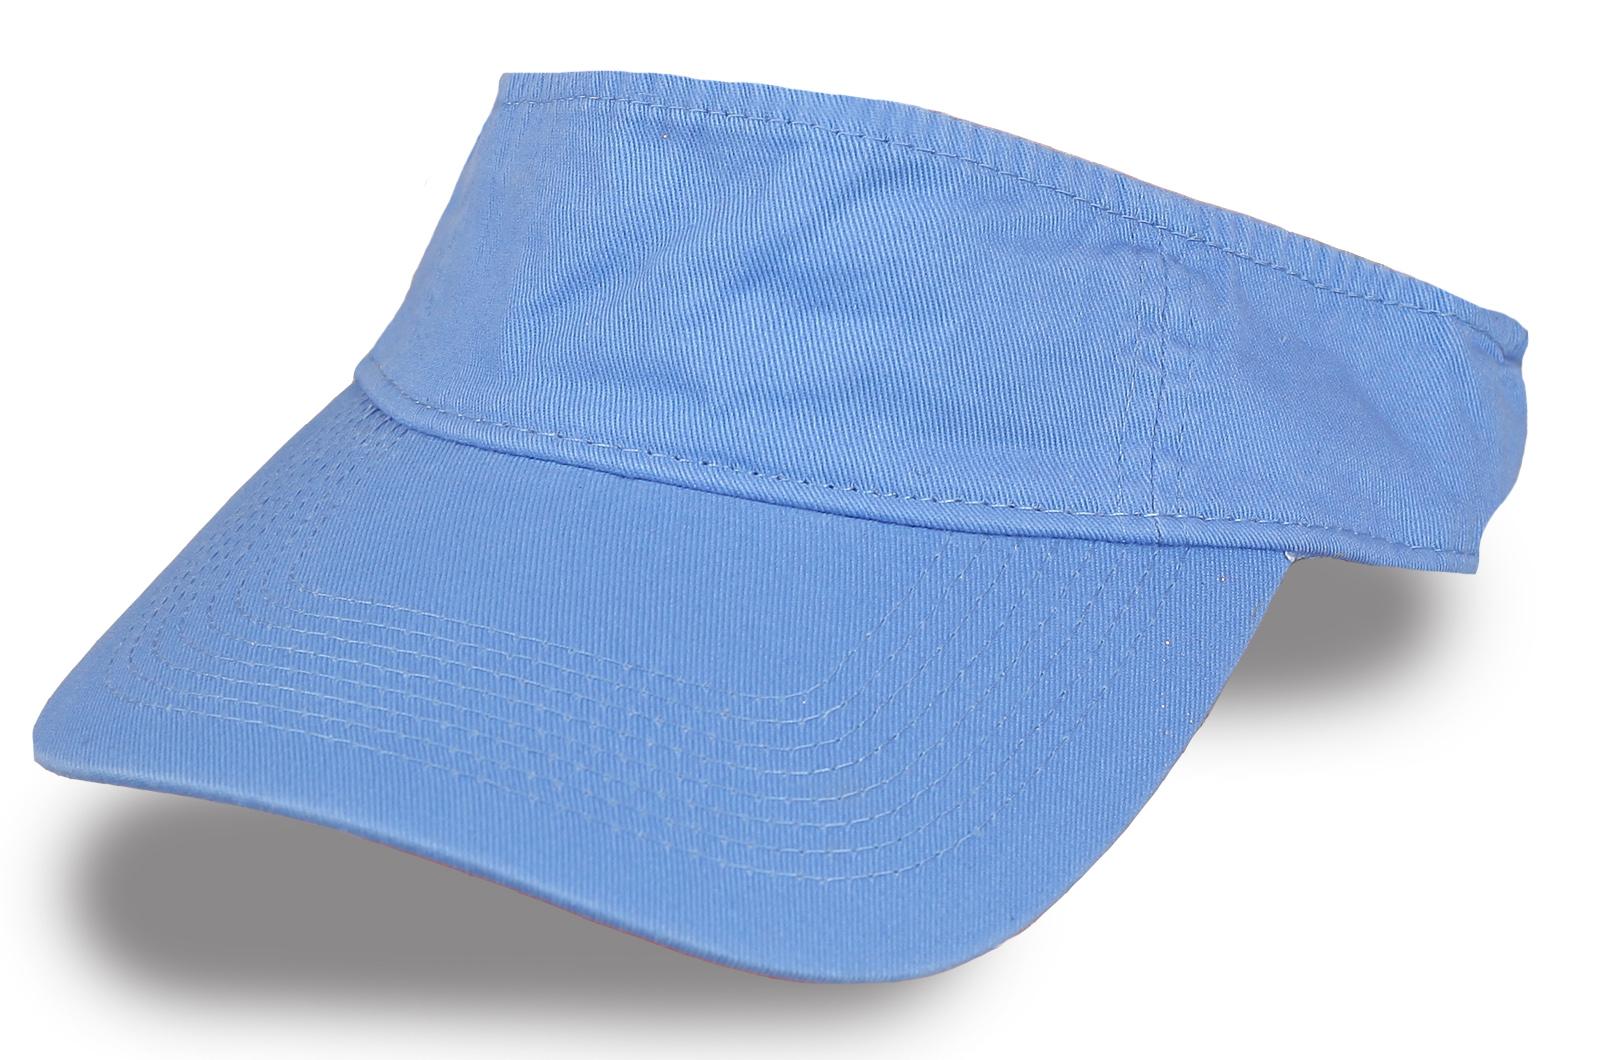 Купить в интернет магазине летний козырек на голову – очень дешево!